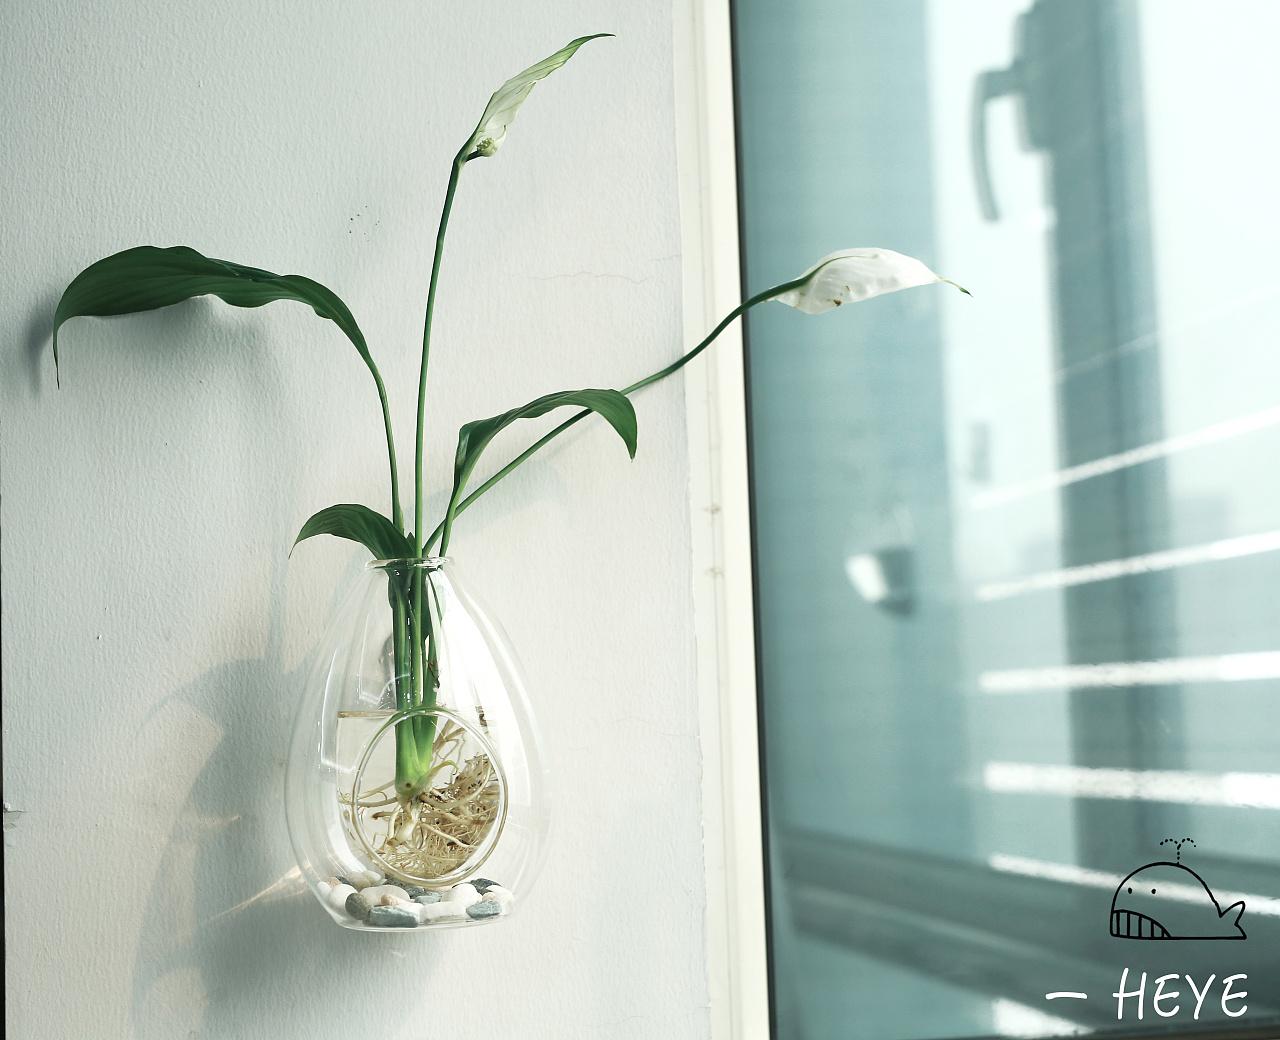 好看的花瓶图片大全